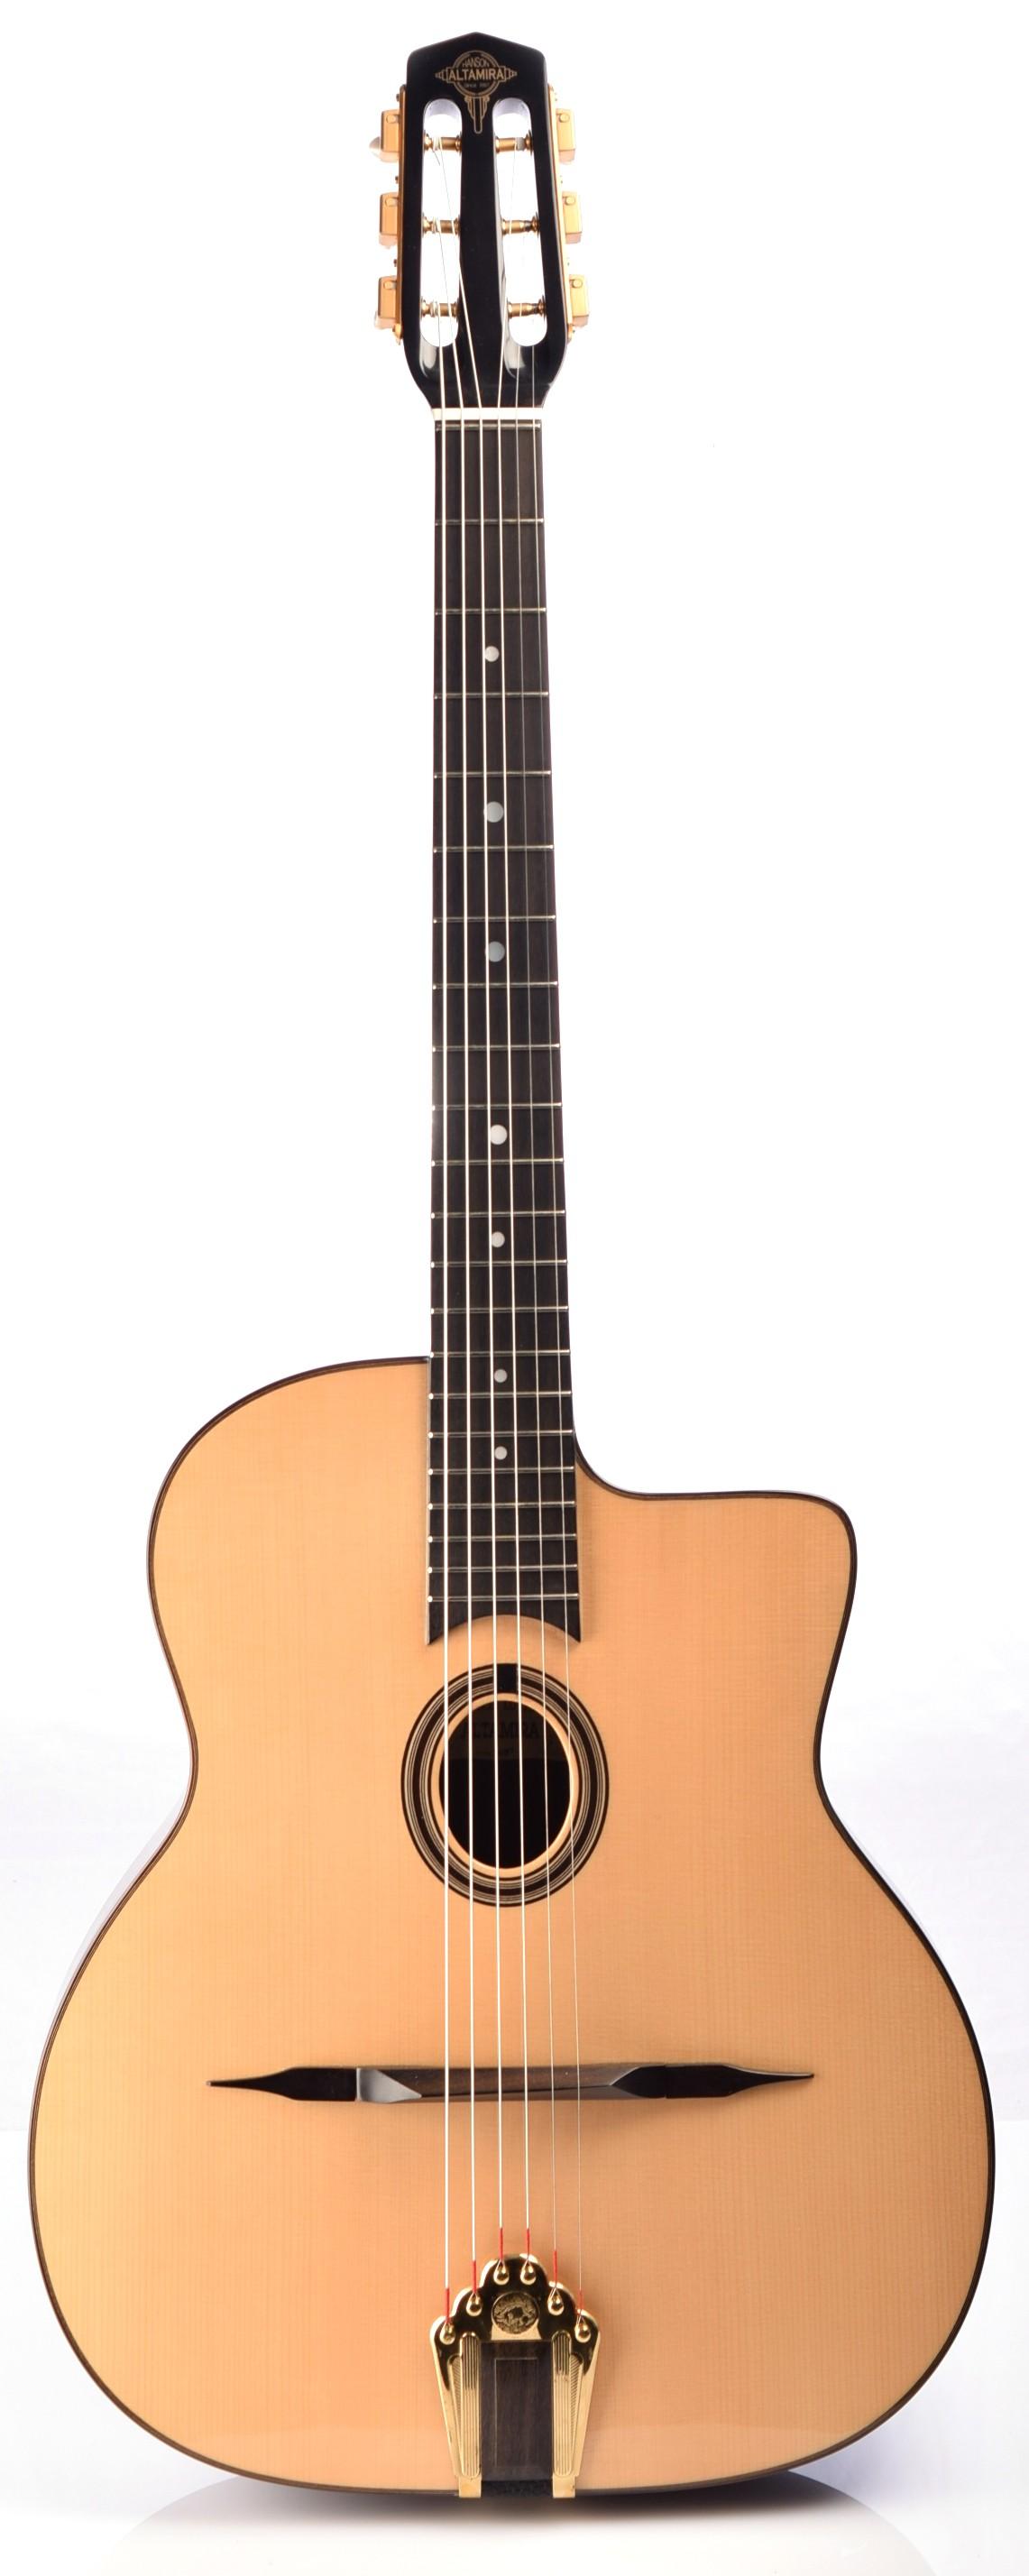 Guitares & Co - GUITARES MANOUCHES - 6 CORDES - ALTAMIRA - AT042 - Royez Musik